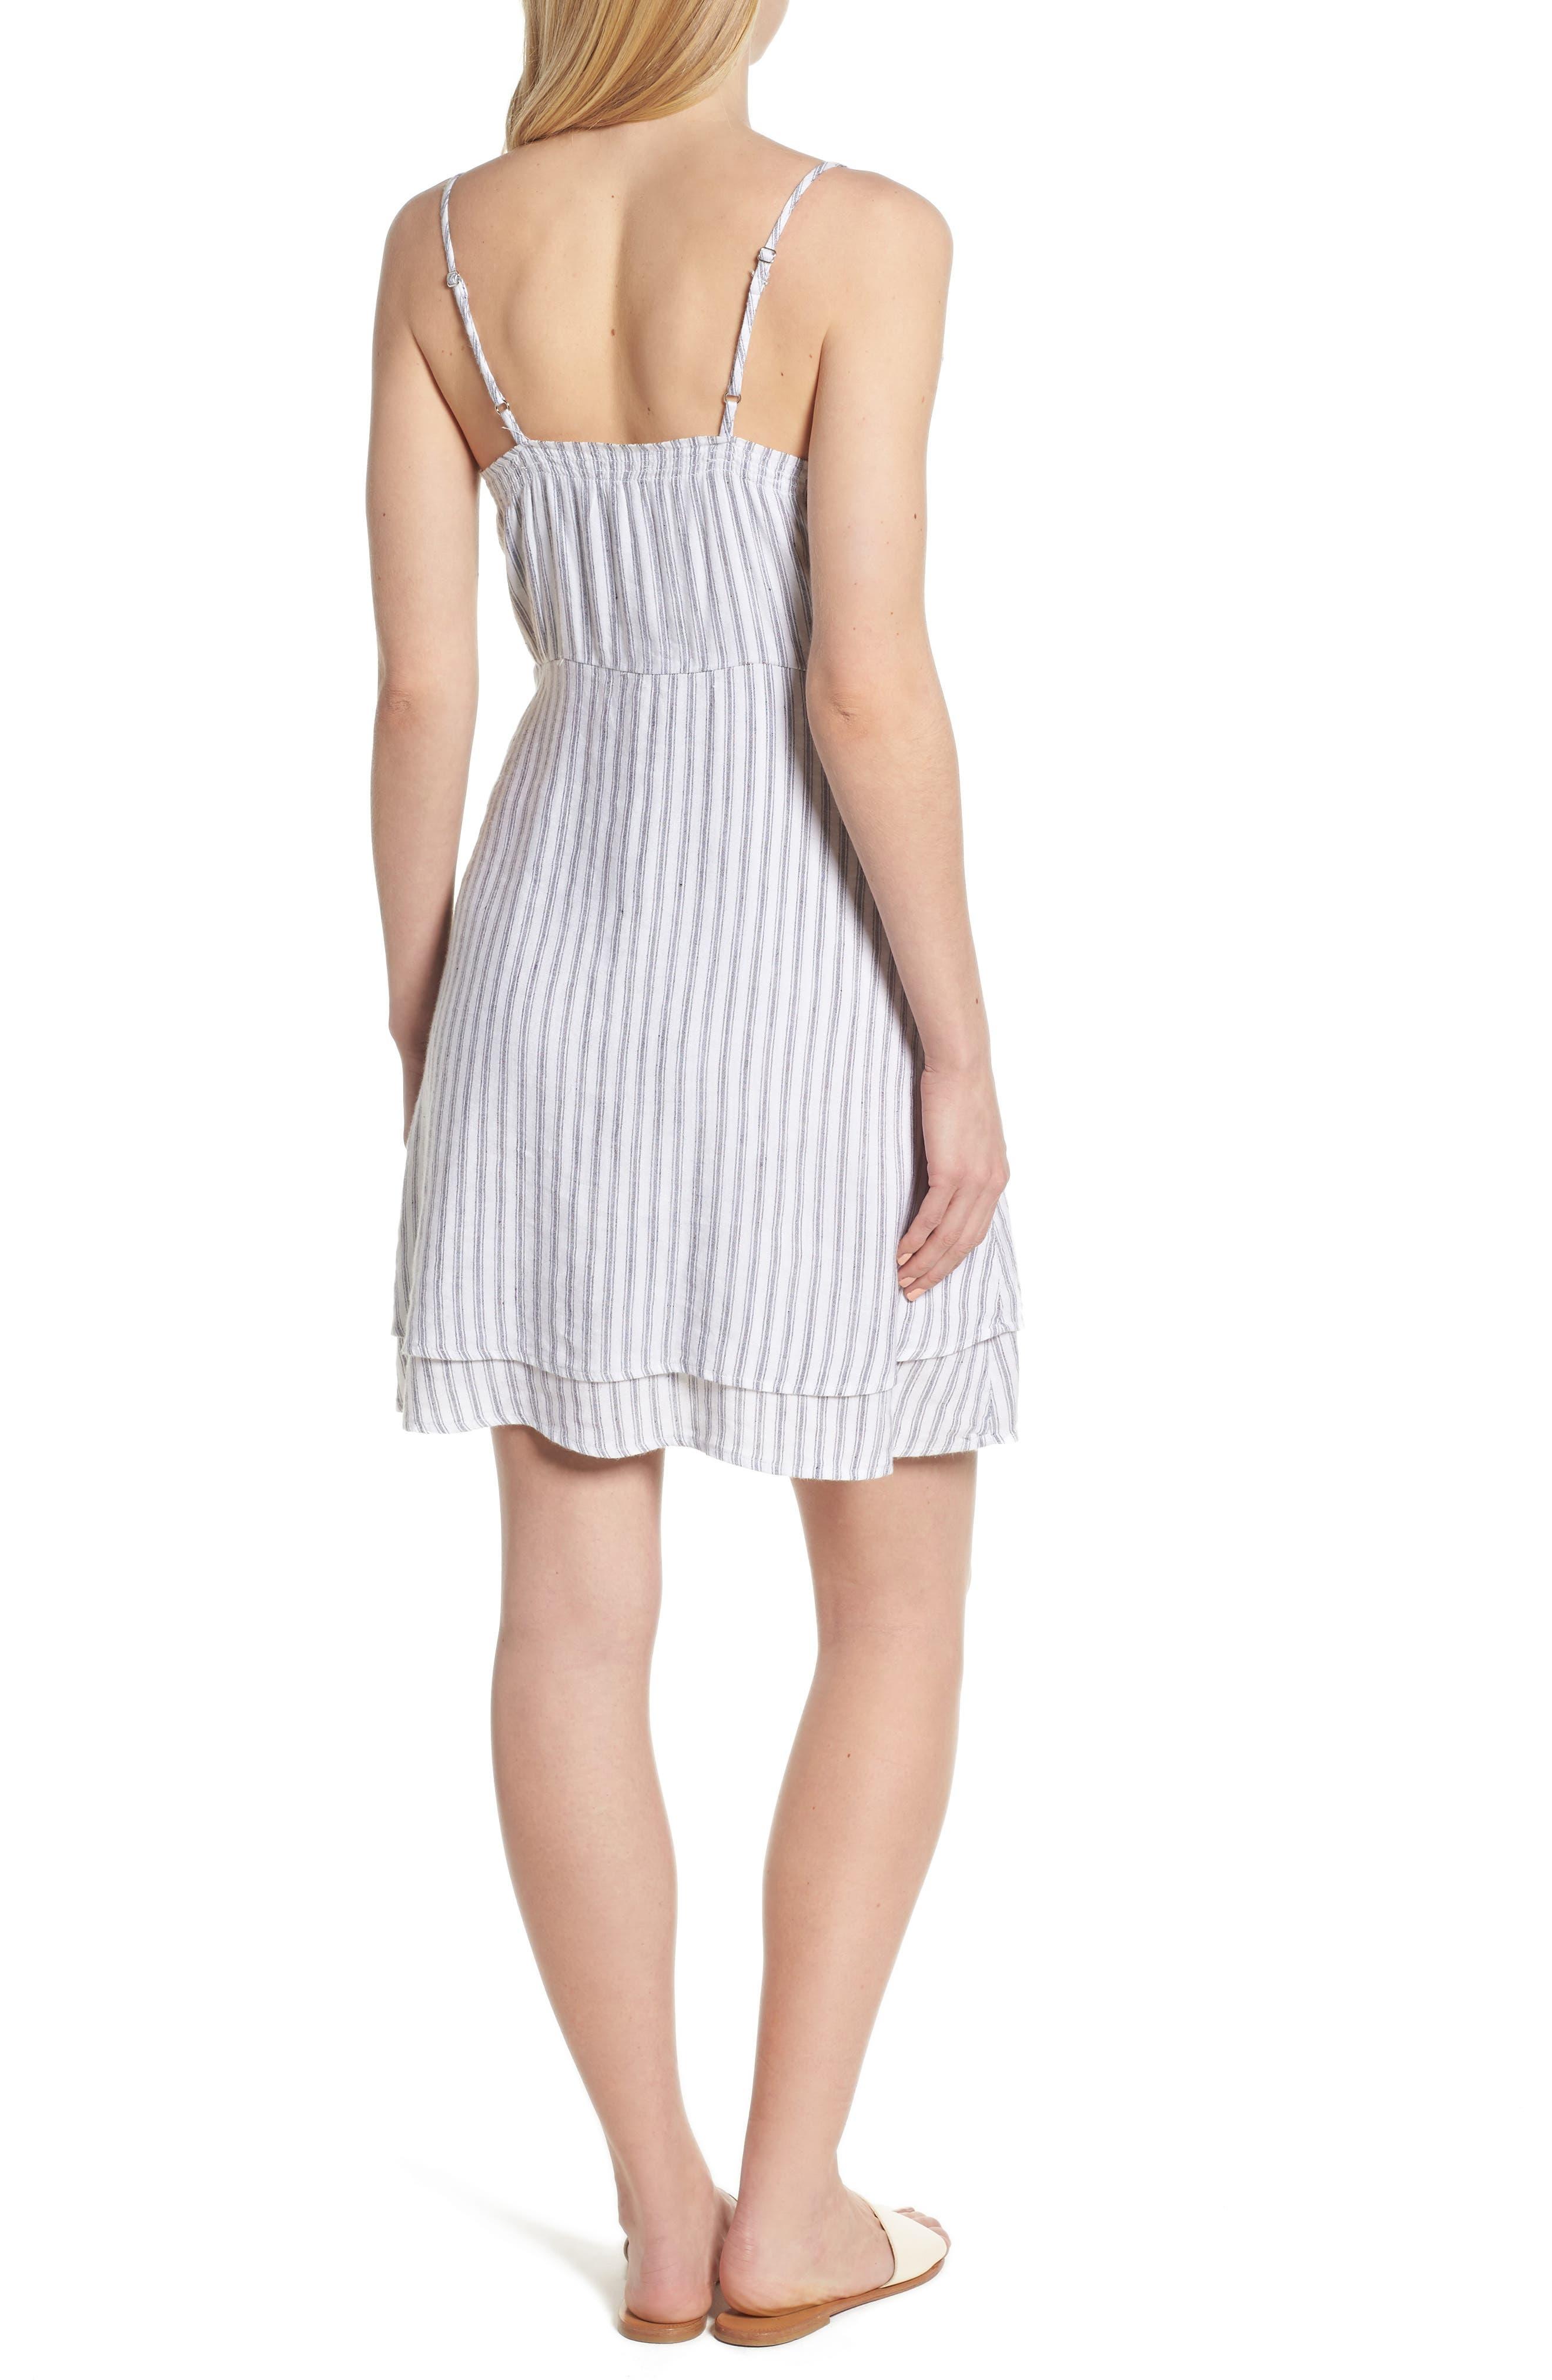 August Stripe Tie Front Dress,                             Alternate thumbnail 2, color,                             Canela Stripe